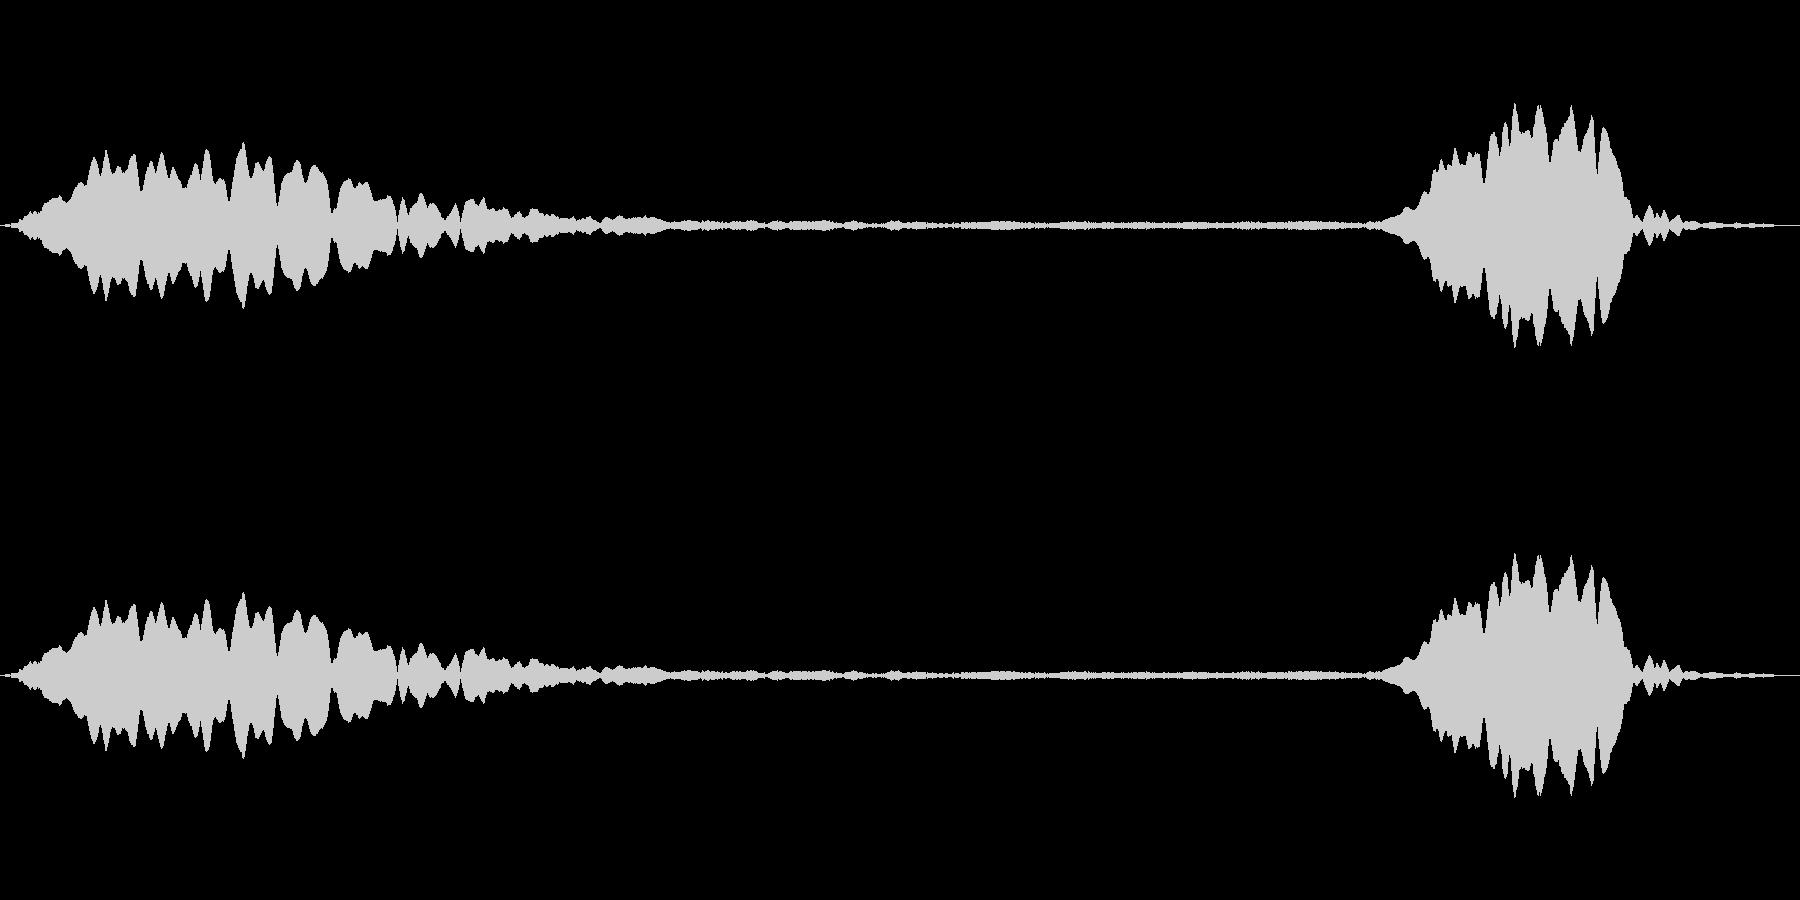 ピューピッ(ホイッスルの音)の未再生の波形